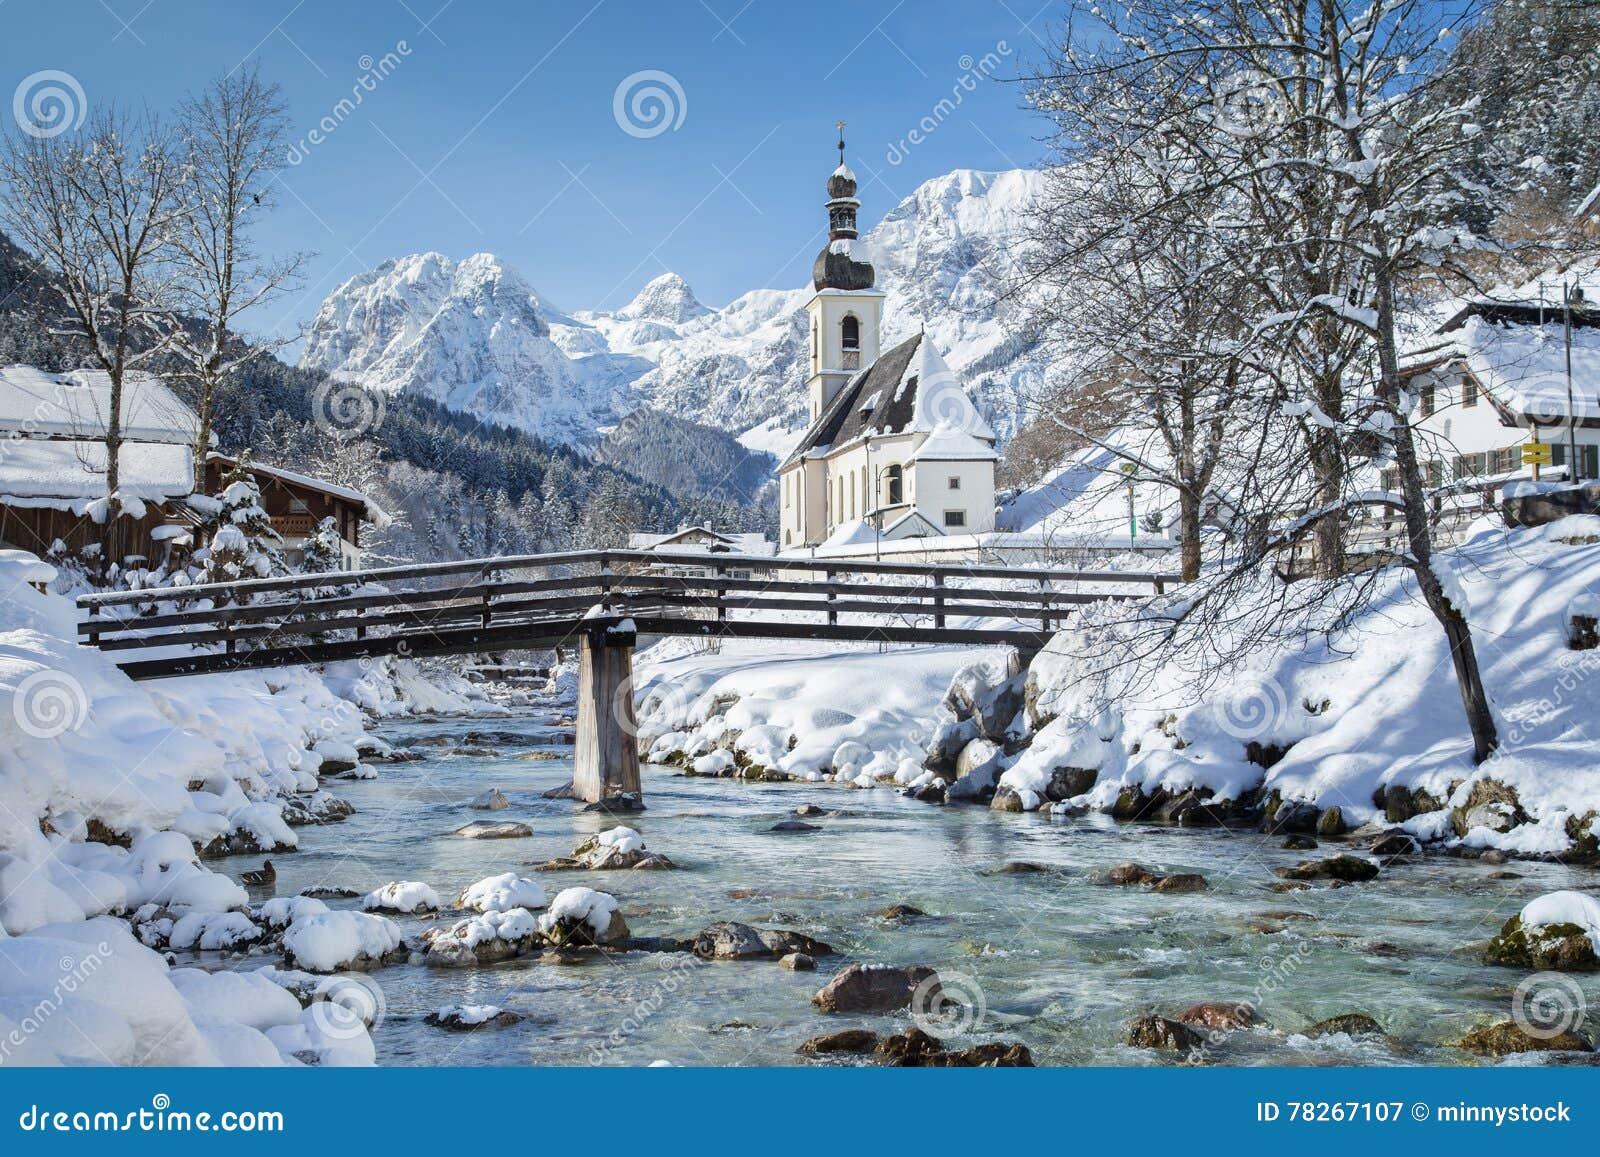 kirche von ramsau im winter berchtesgadener land bayern. Black Bedroom Furniture Sets. Home Design Ideas